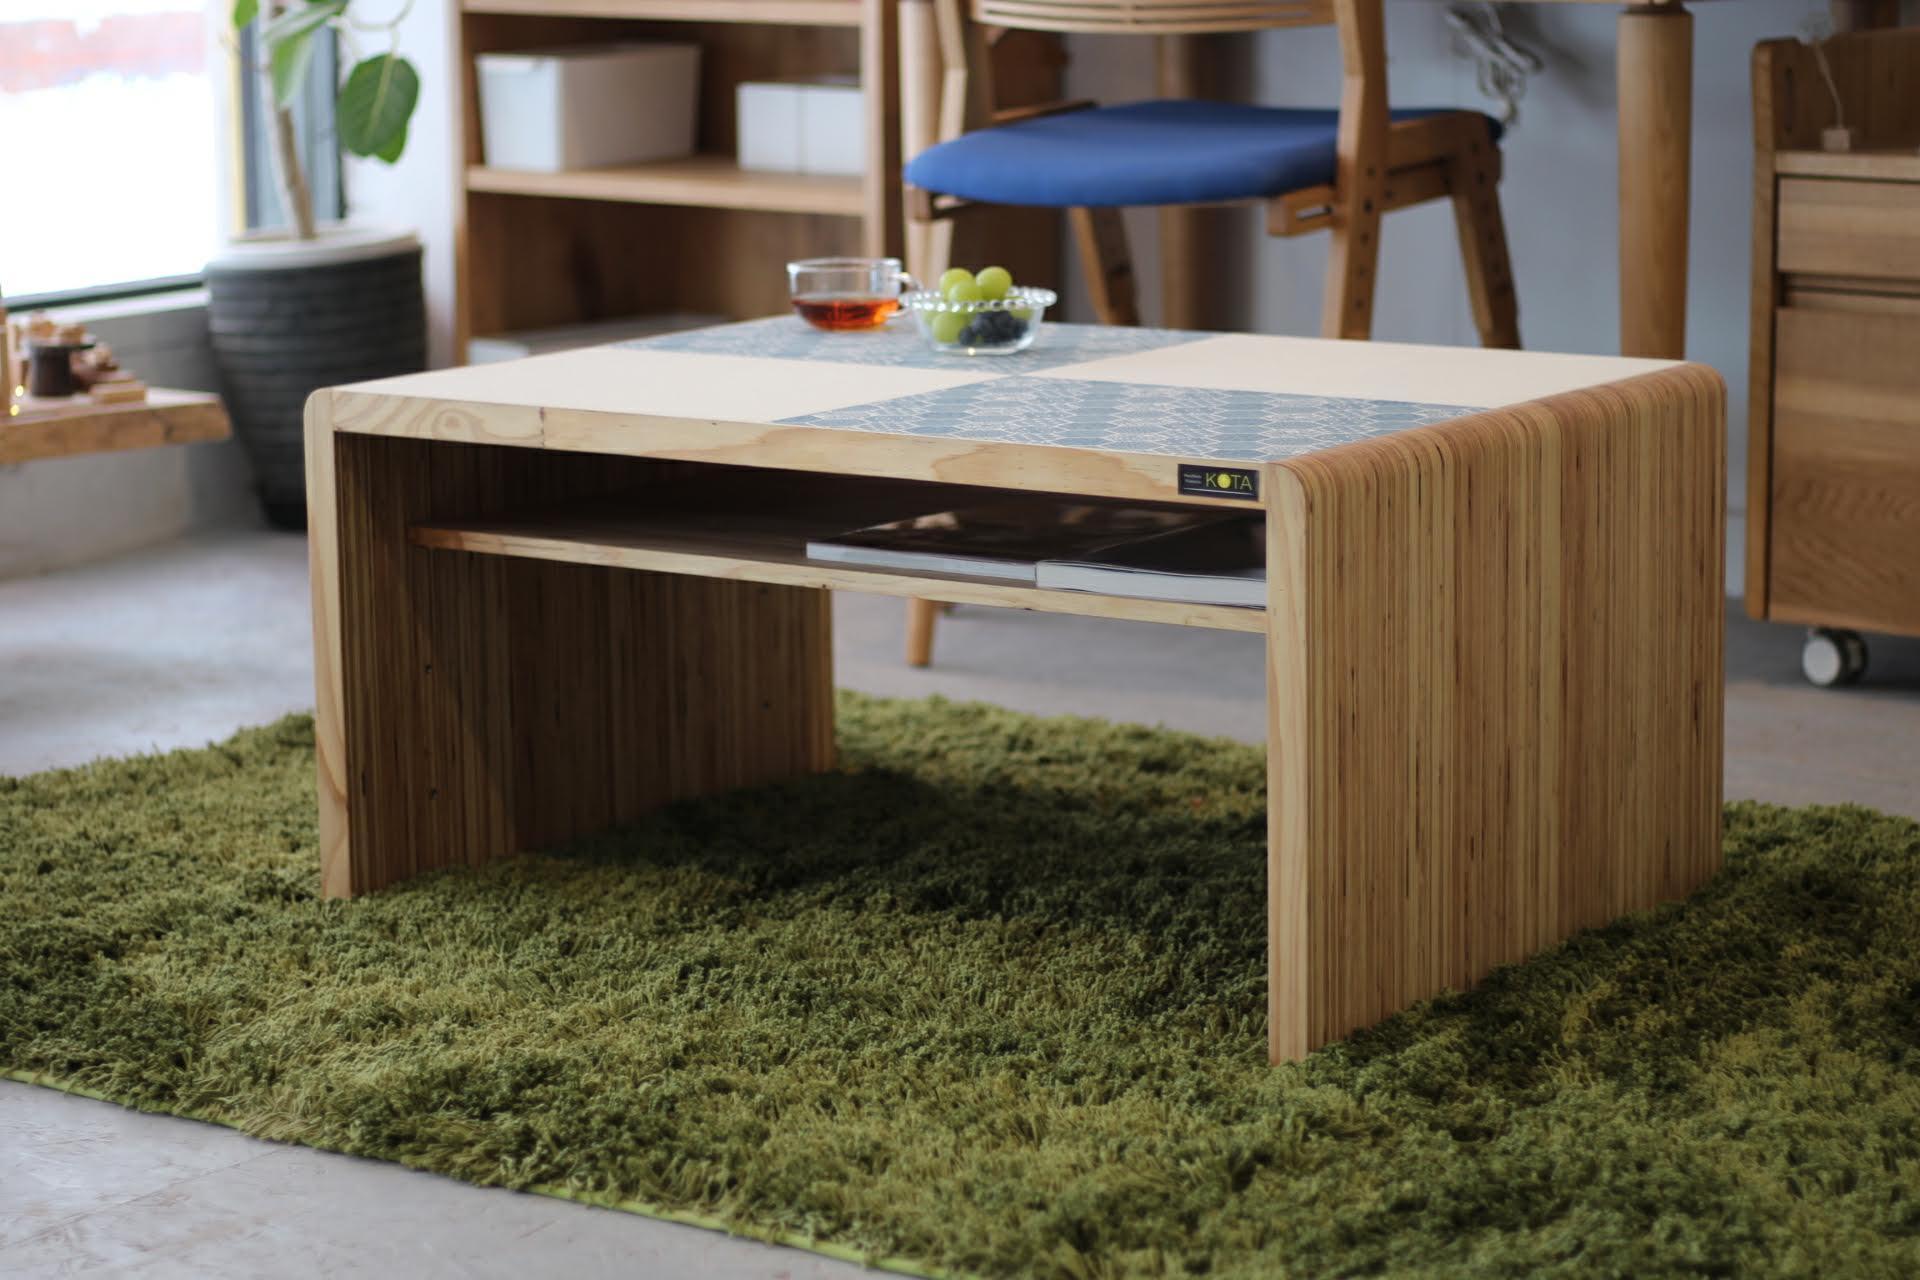 この商品に似ているアイテム画像(KOTAオリジナル 和柄センターテーブル(和柄ブルー&ホワイト)|moonlit-studio(ムーンリットスタジオ))